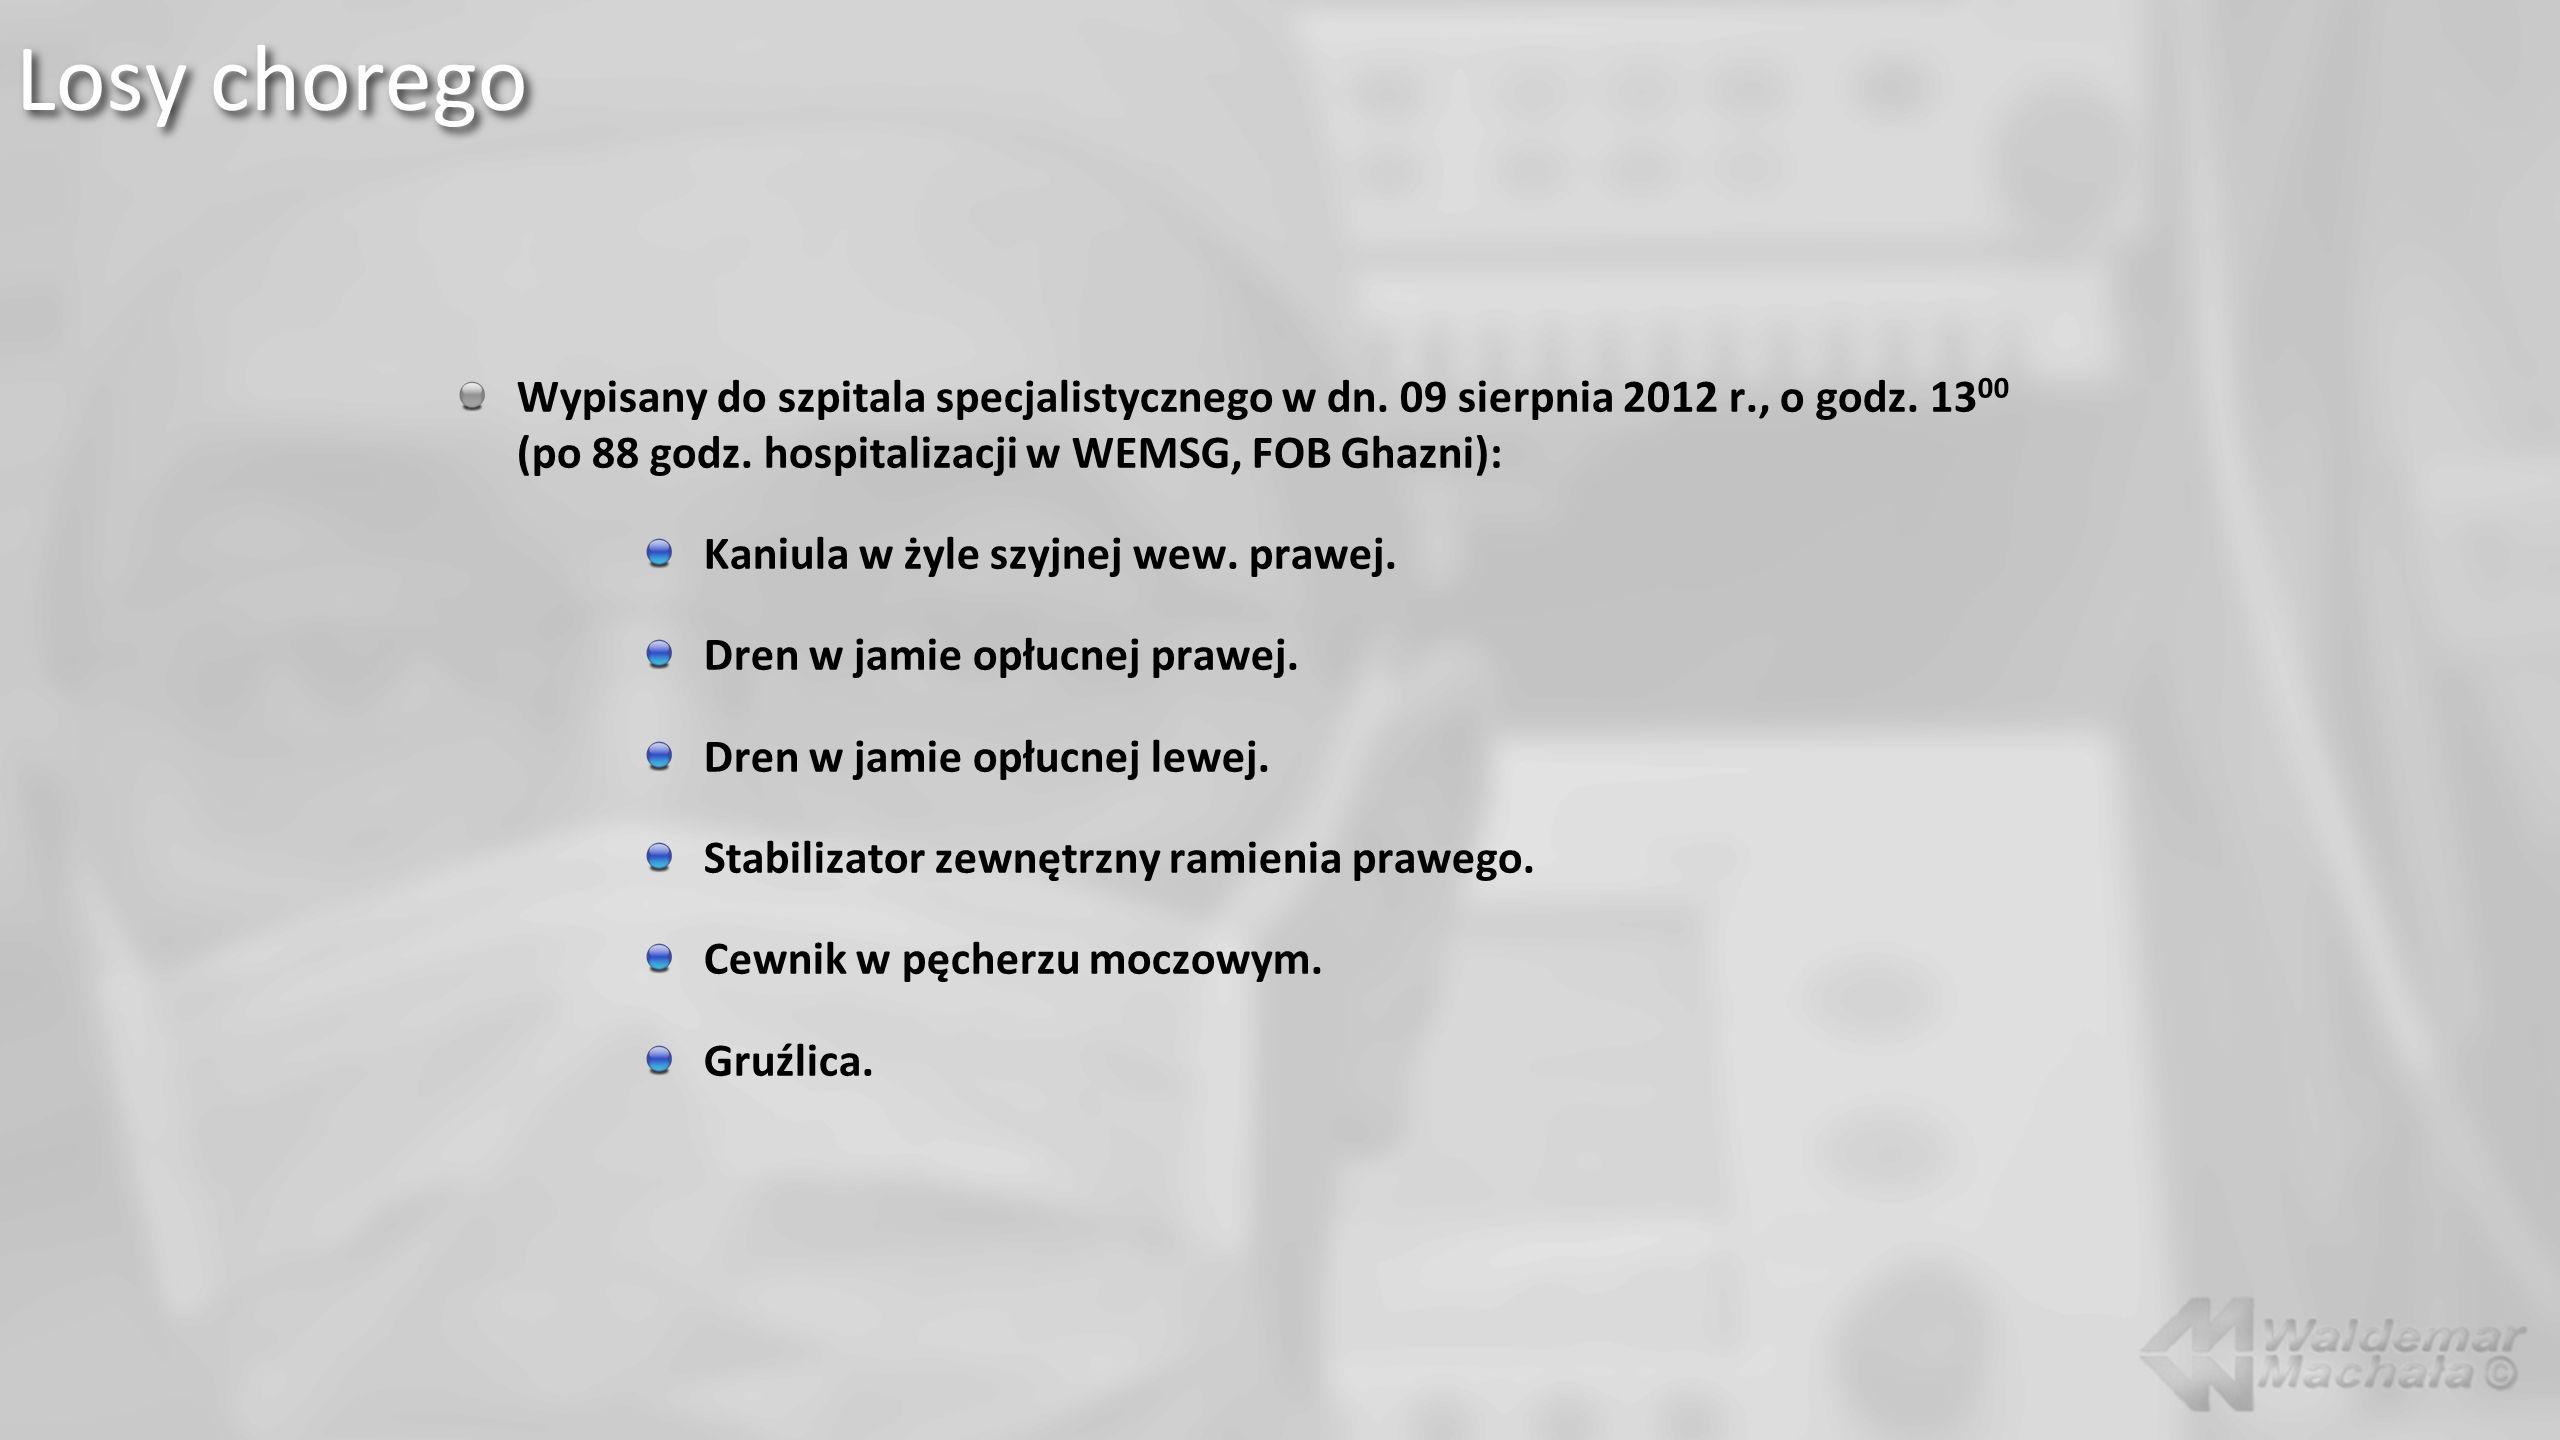 Losy chorego Wypisany do szpitala specjalistycznego w dn. 09 sierpnia 2012 r., o godz. 1300 (po 88 godz. hospitalizacji w WEMSG, FOB Ghazni):